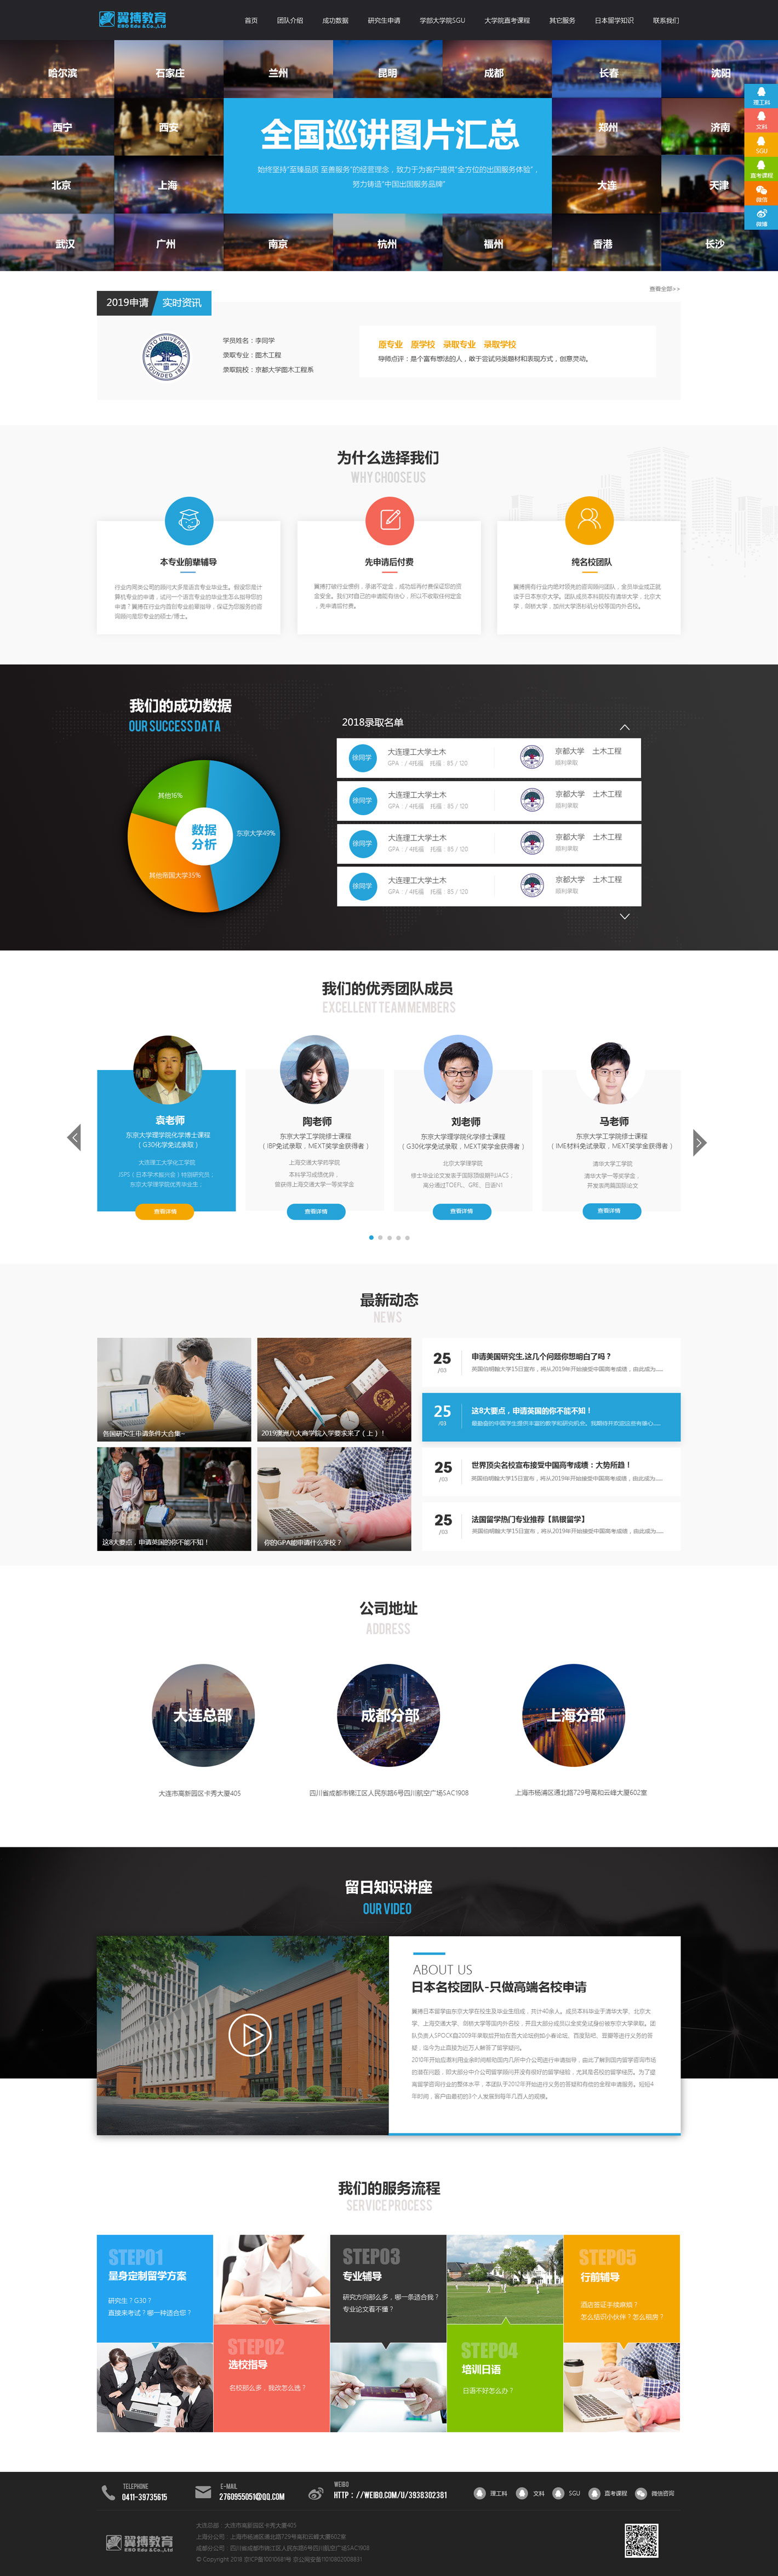 大连翼搏教育,网站制作公司,北京网站建设公司